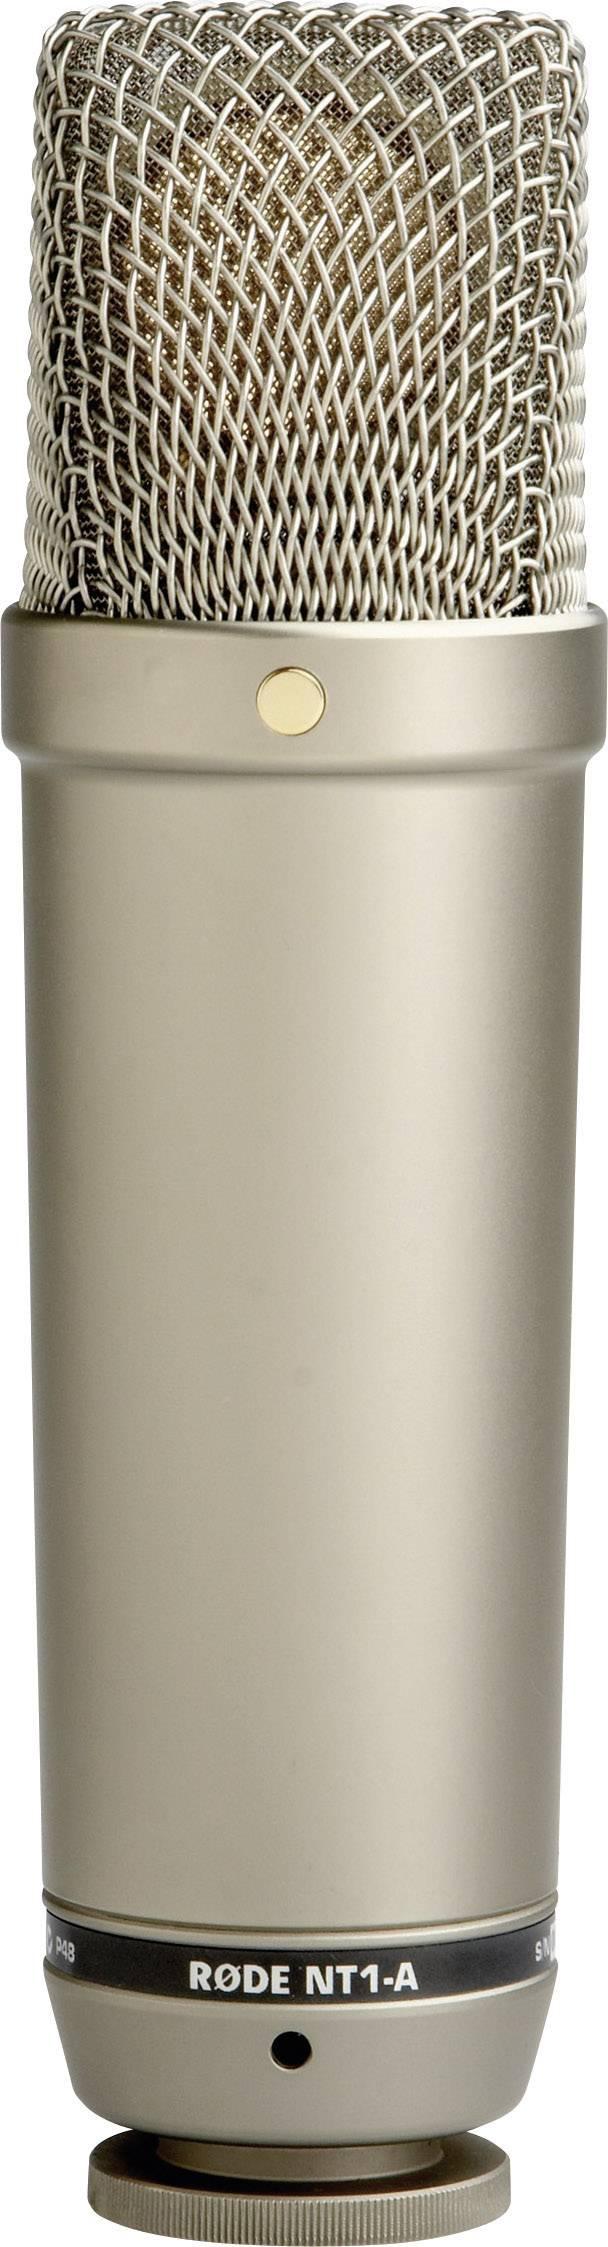 Štúdiový mikrofón RODE Microphones NT1-A, káblový, vr. kábla, vr. pavúka